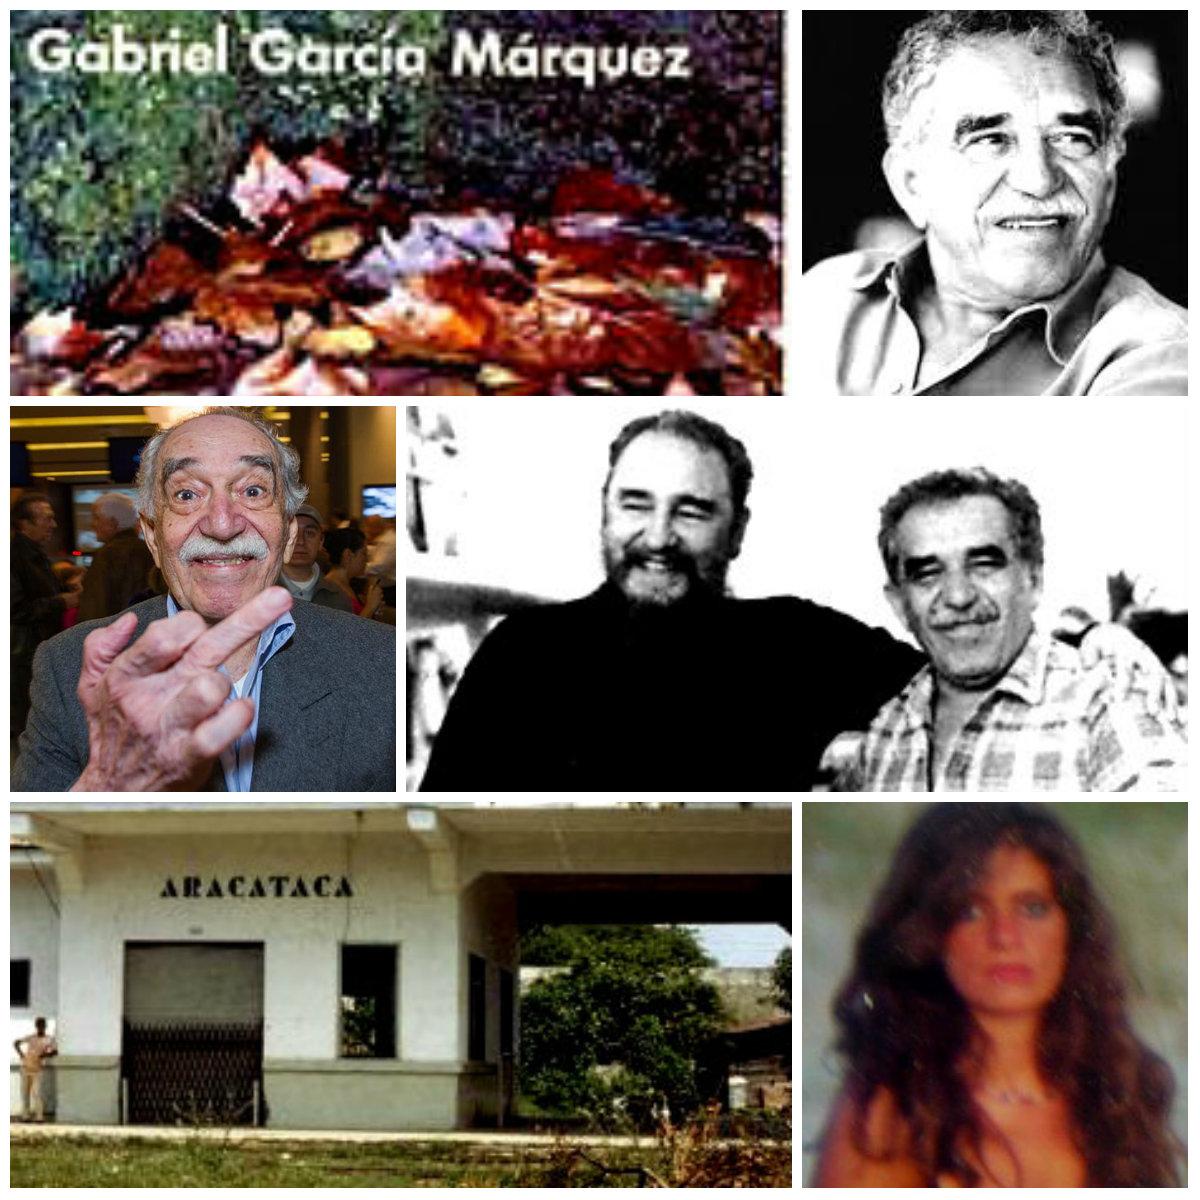 La obra cumbre de Gago, sus fotos en distintos tiempos, la larga amistad con Fidel, la estación de Aracataca y Caia Martínez de León, exégeta de García Márquez